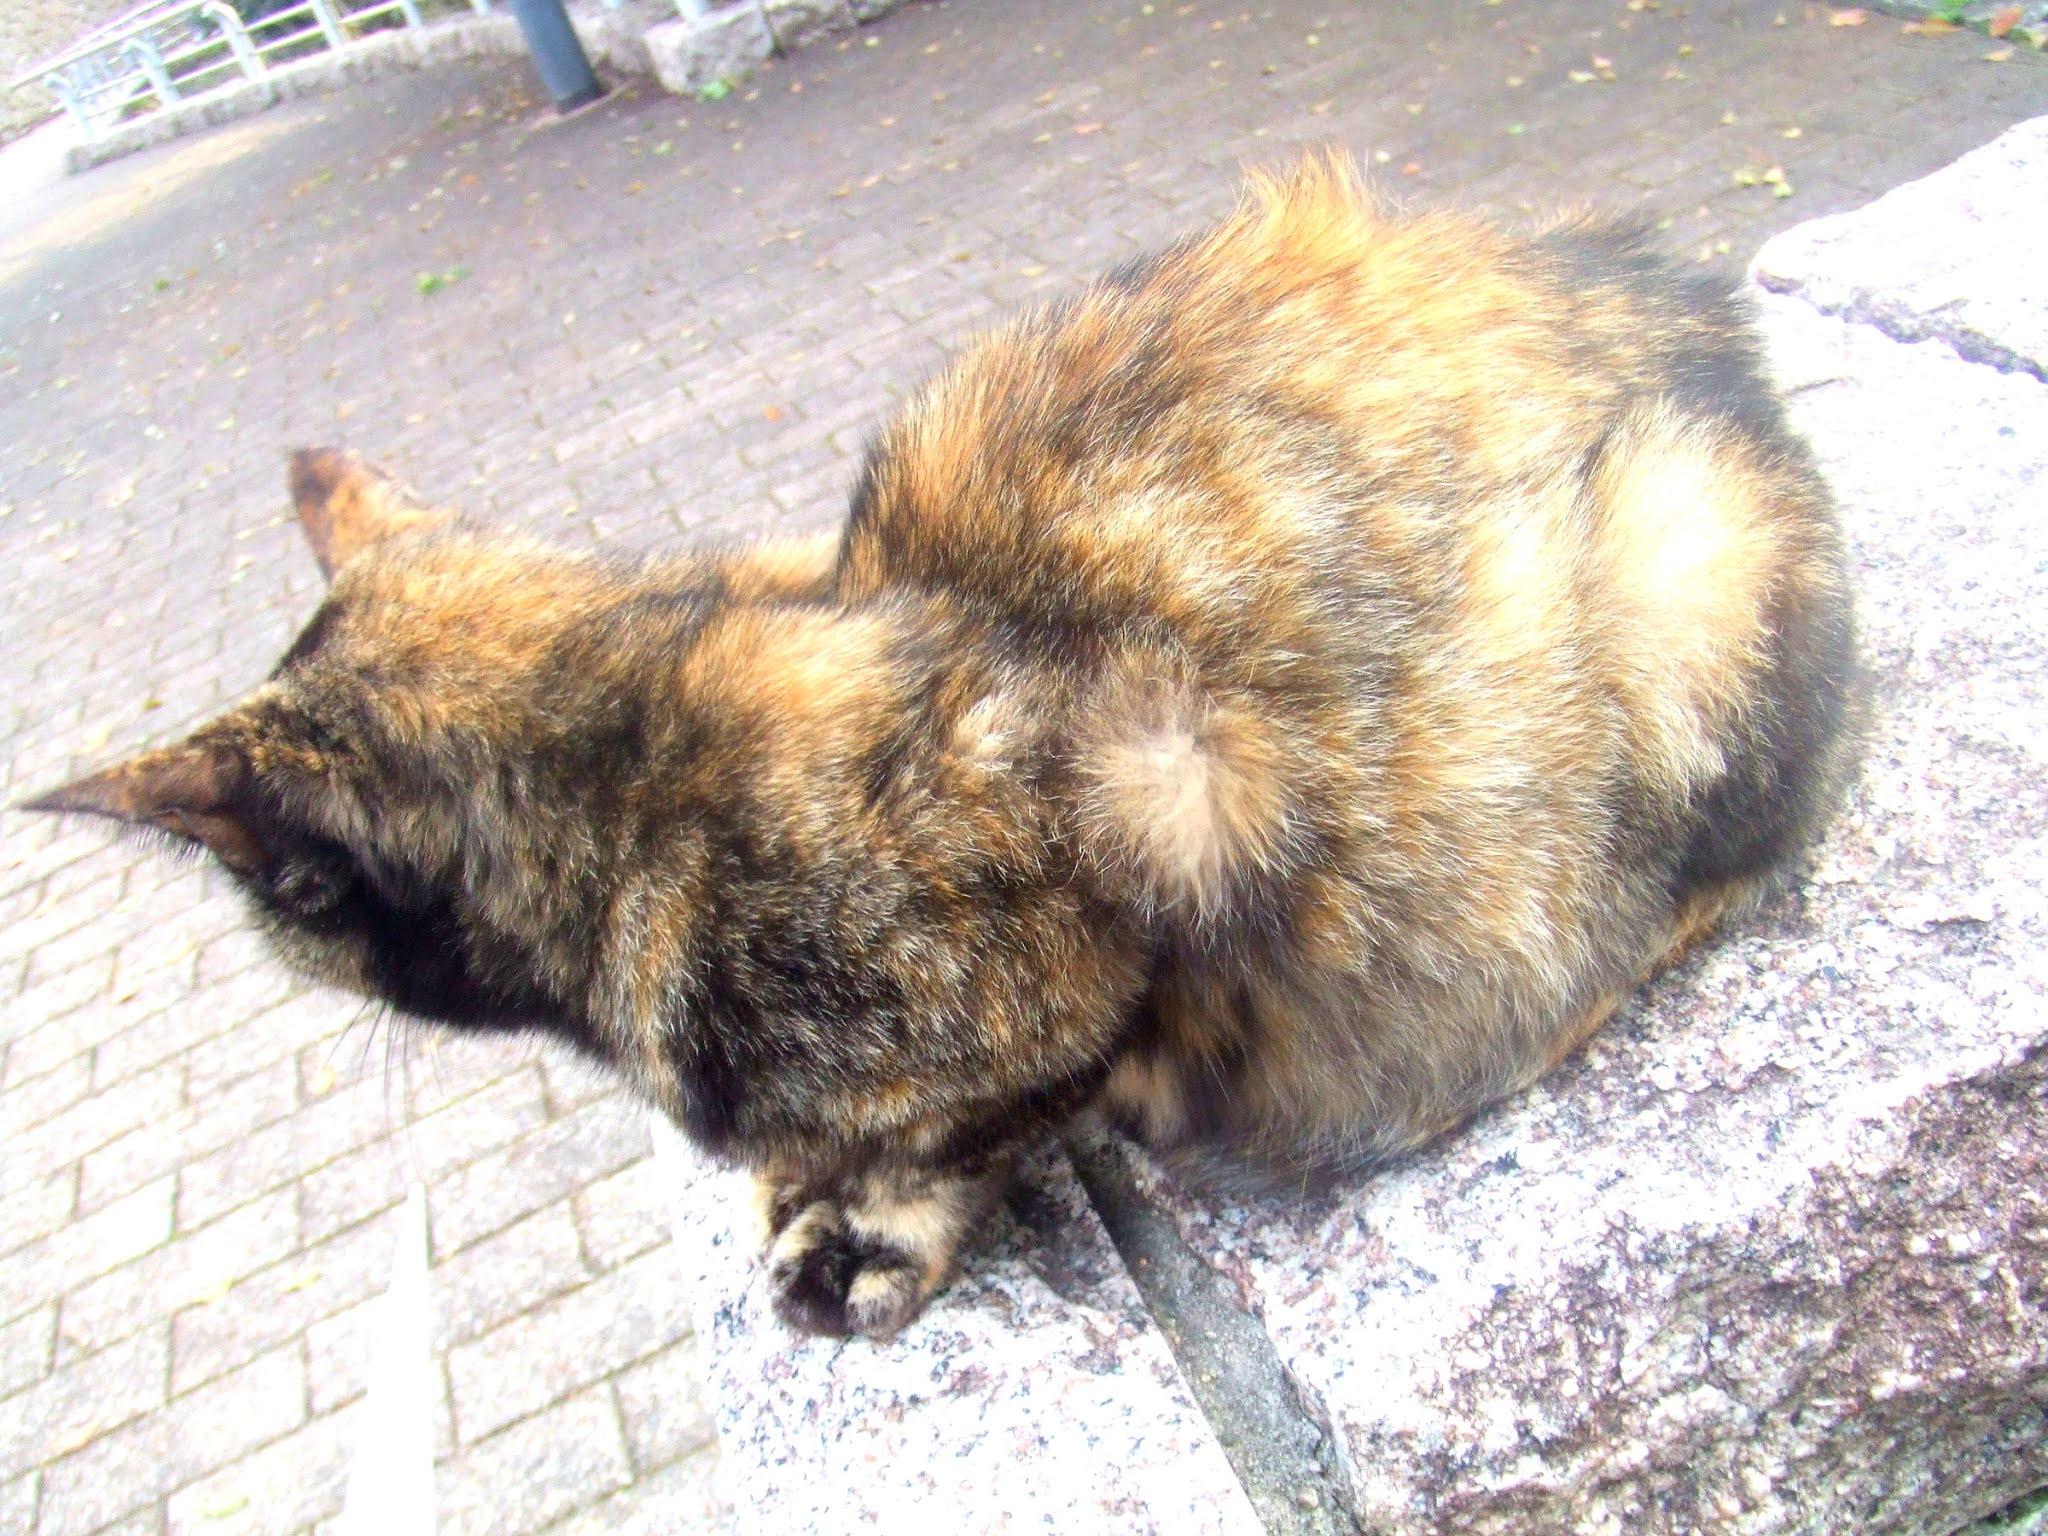 猫さんの全体の写真です。背中を向けているのでちょっと神秘的な感じかも。猫ブログなどにどうでしょう。